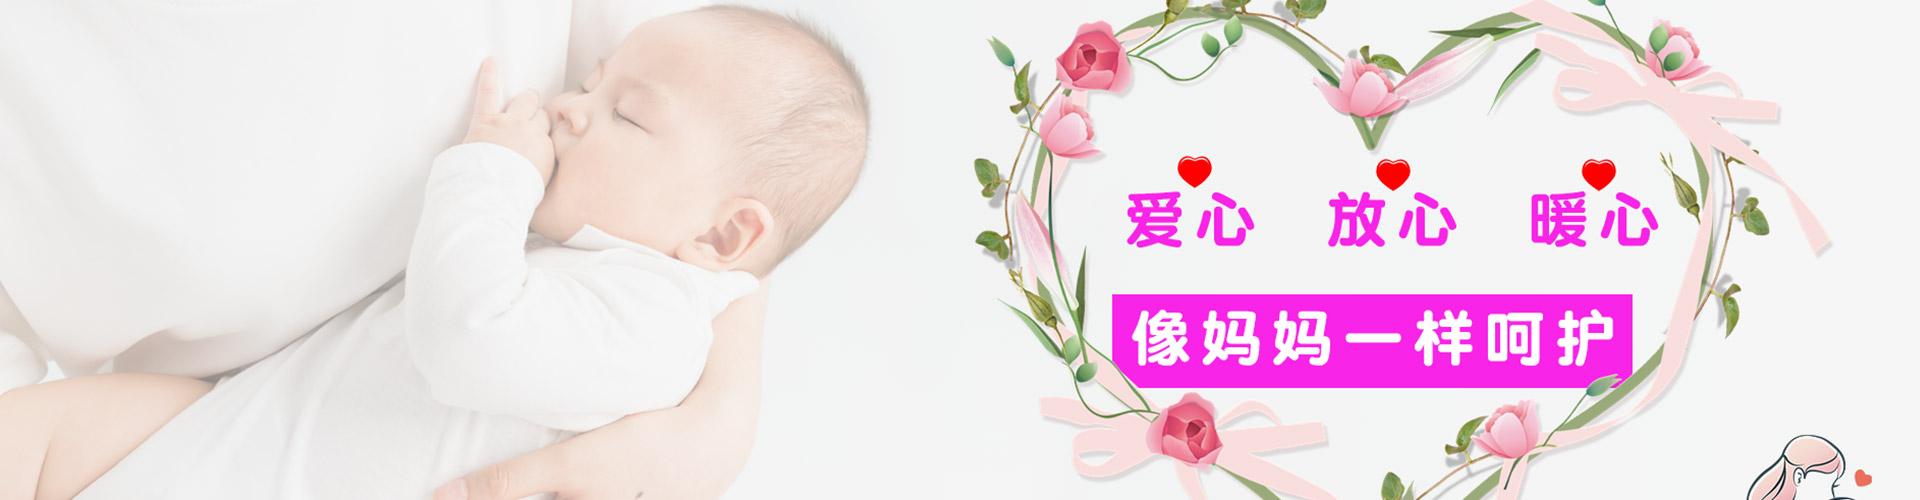 育婴培训联系方式